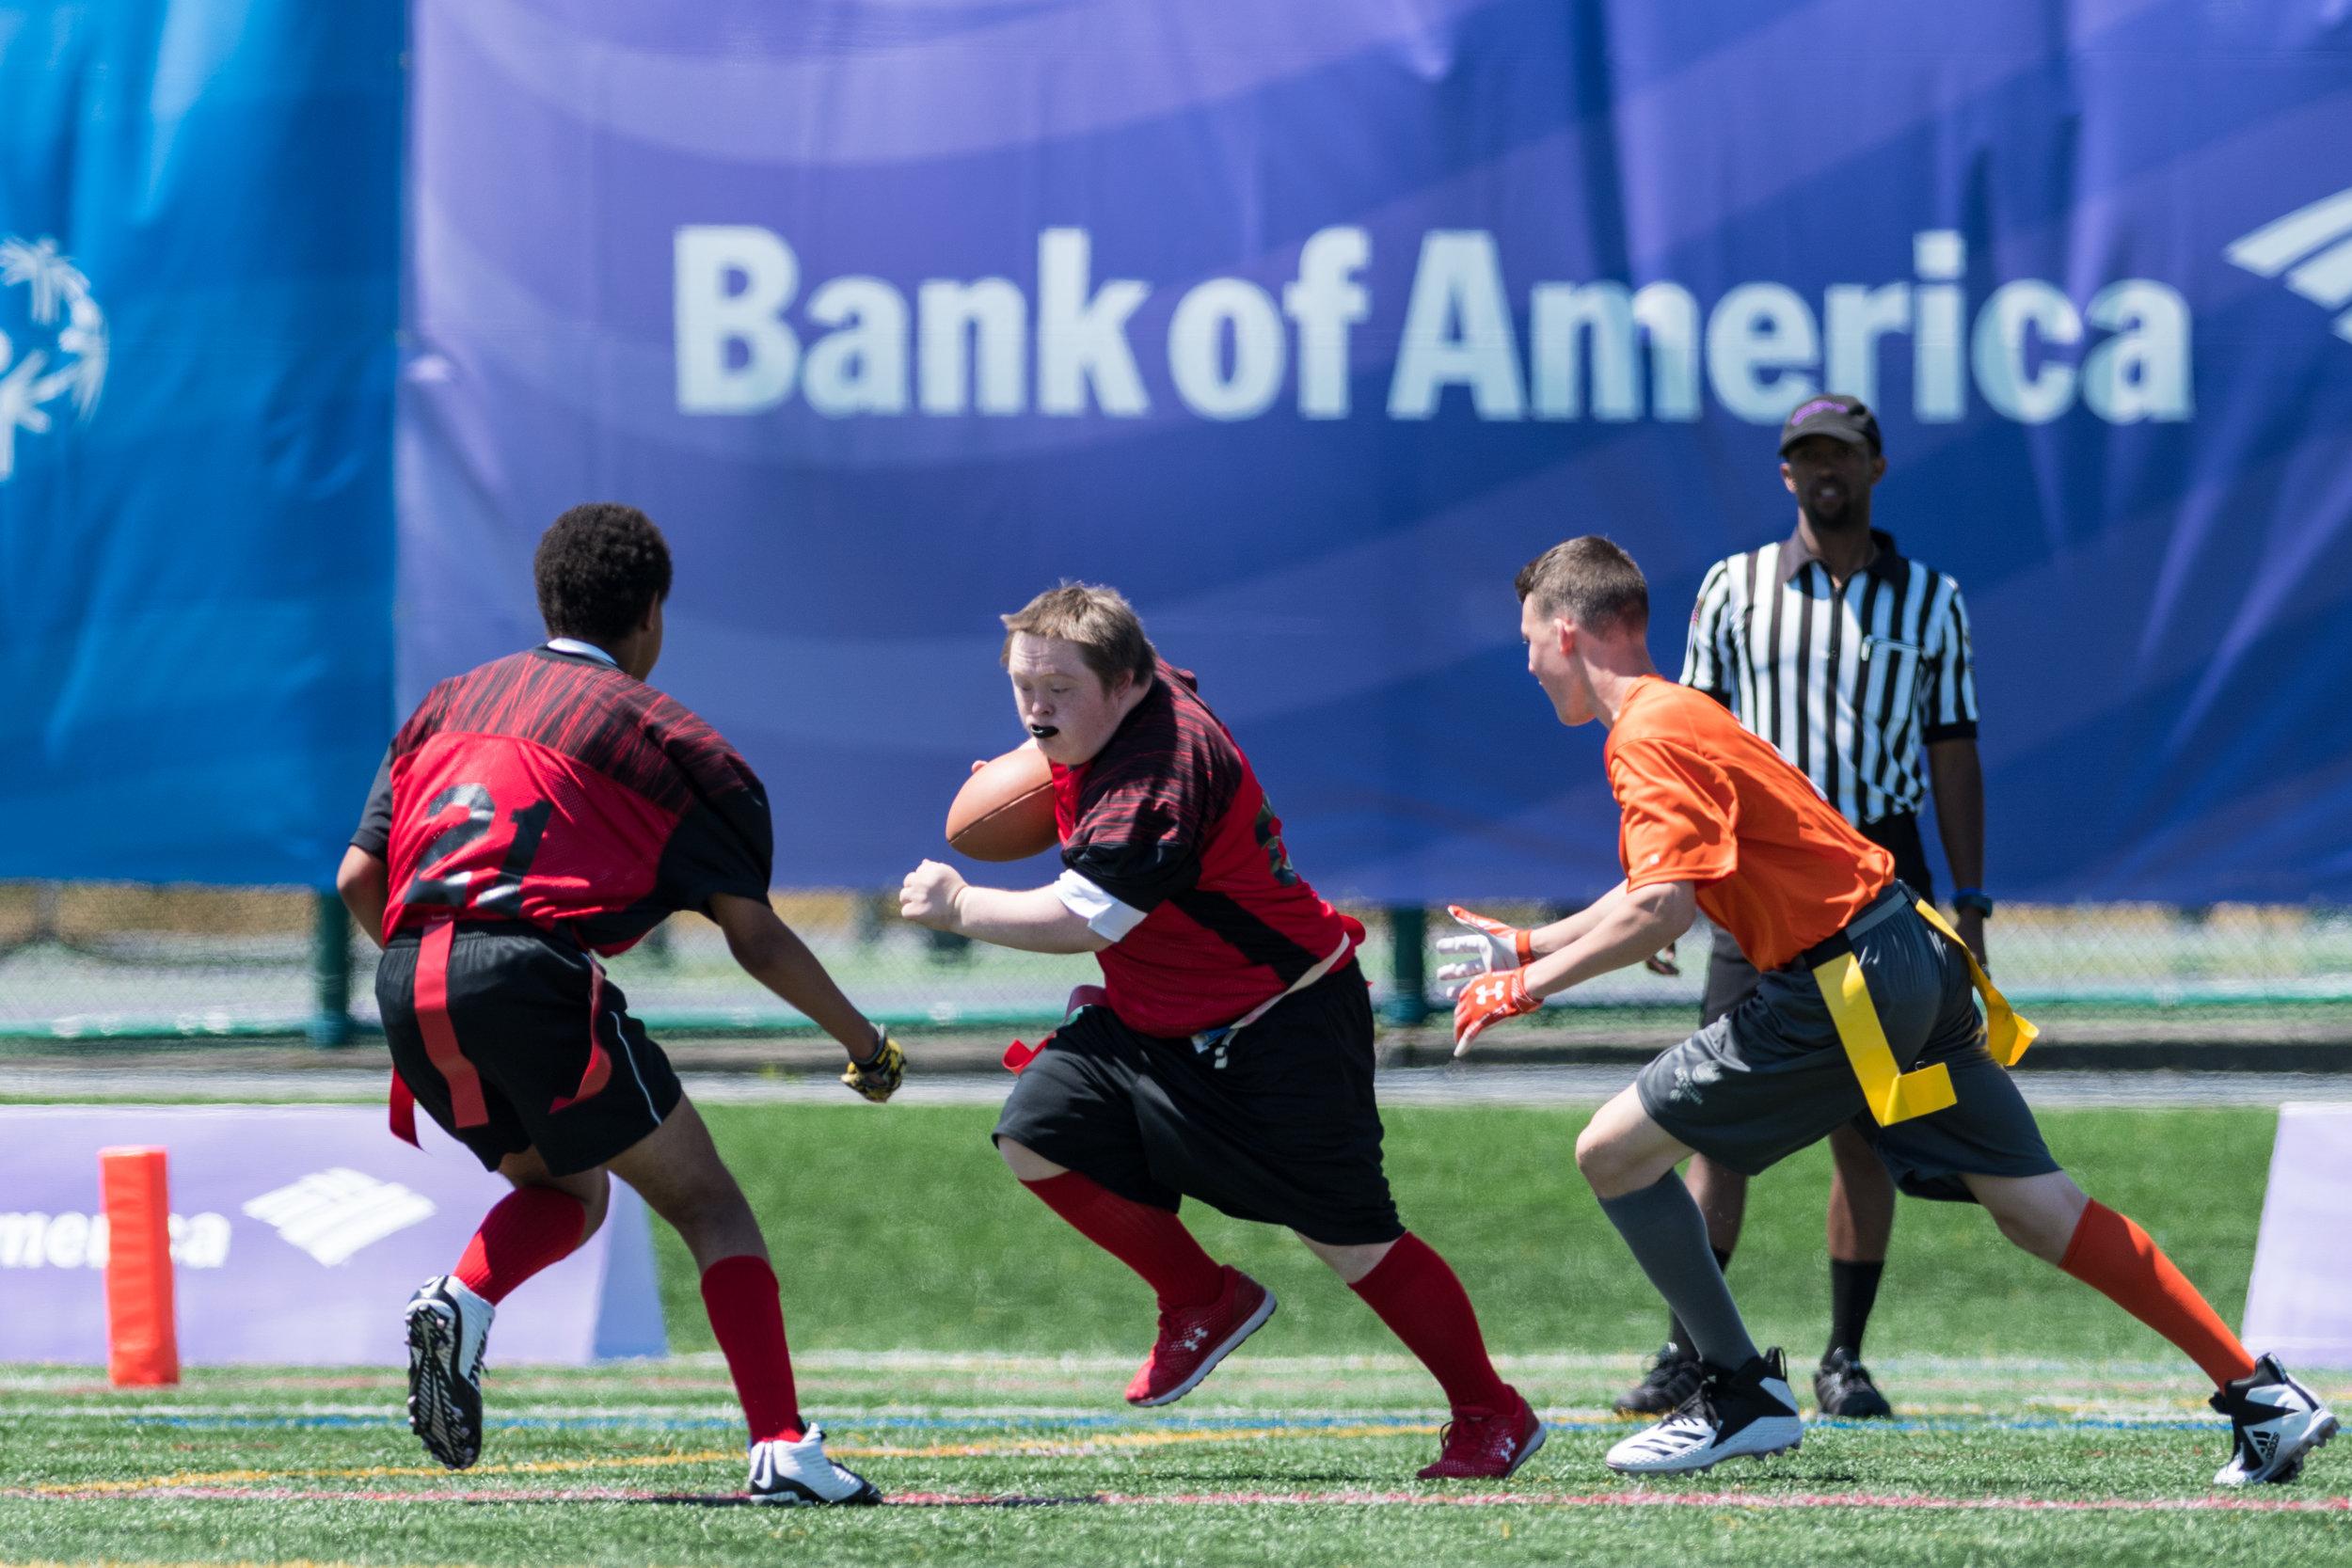 July 5, 2018 - Seattle, WA - USA Games Flag Football